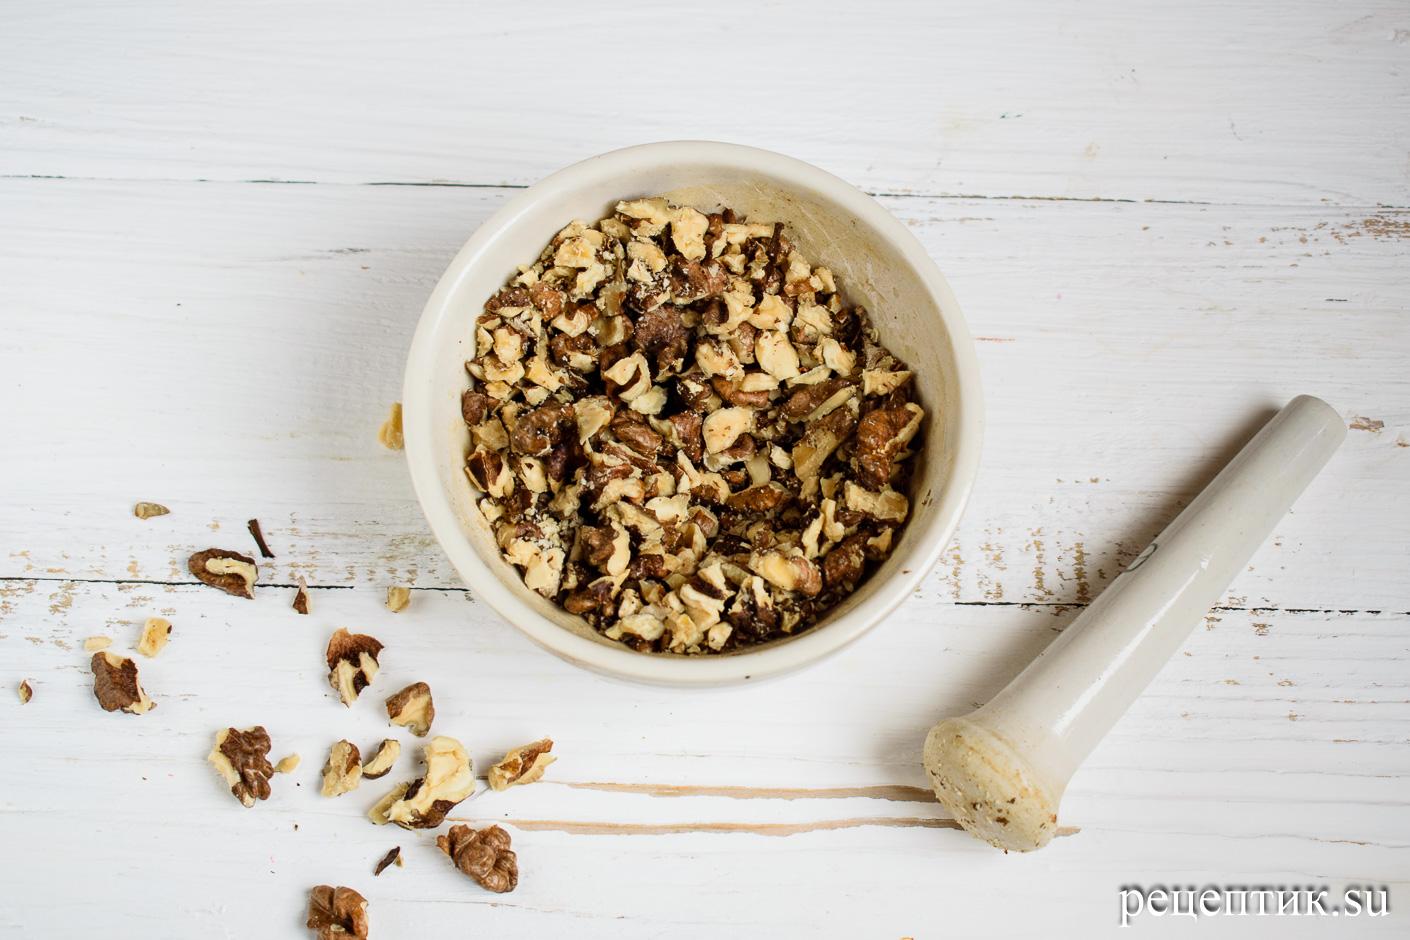 Карамельно-ореховый наполеон со сметанным кремом - рецепт с фото, шаг 20